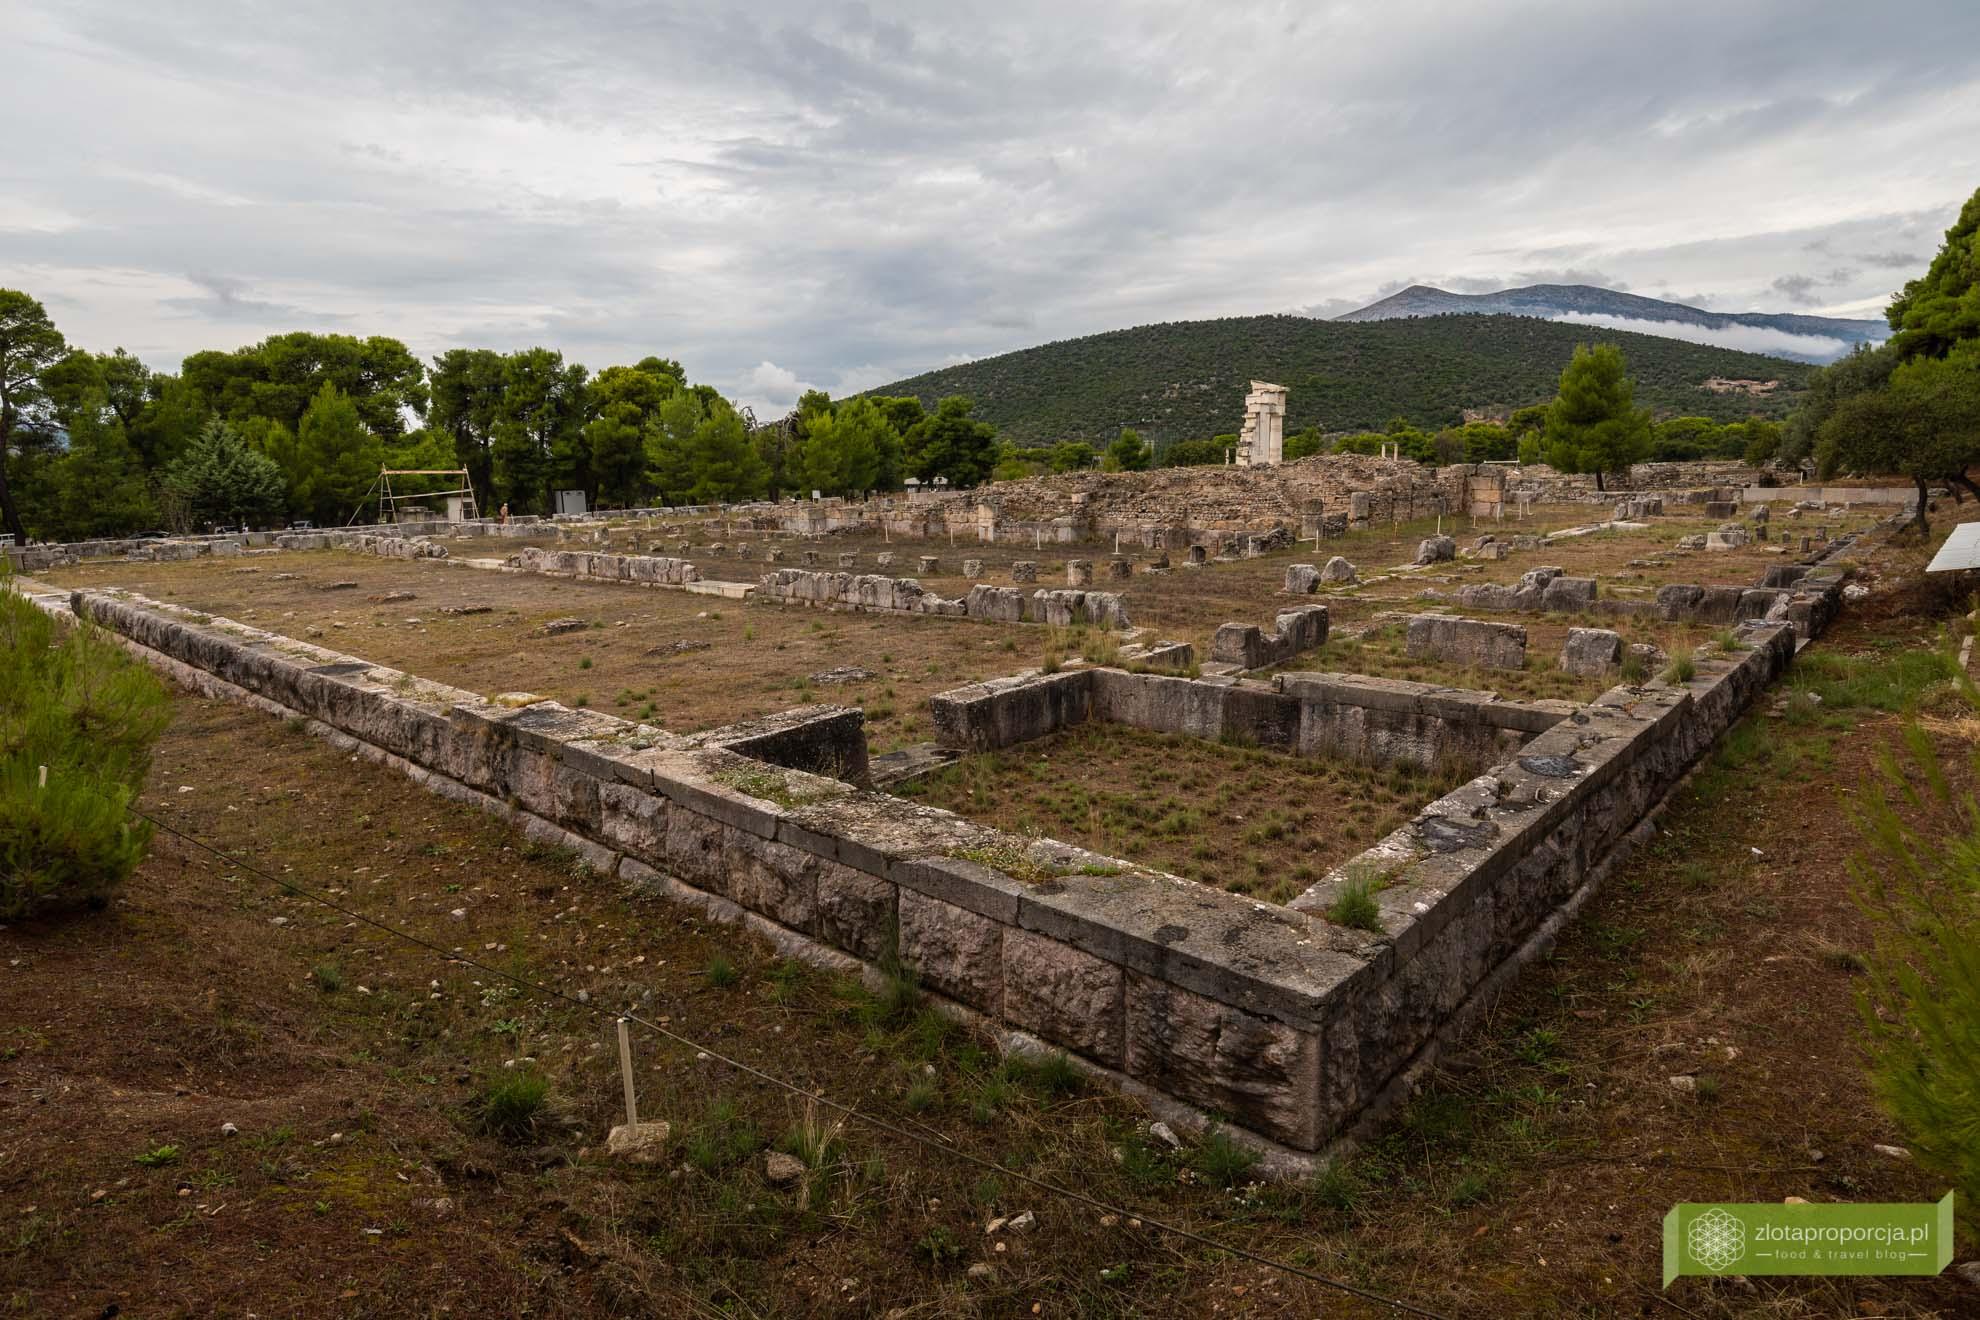 Strefa archeologiczna w Epidauros; Epidauros; Peloponez; atrakcje Peloponezu; Zatoka Sarońska; atrakcje Grecji; okolice Aten;